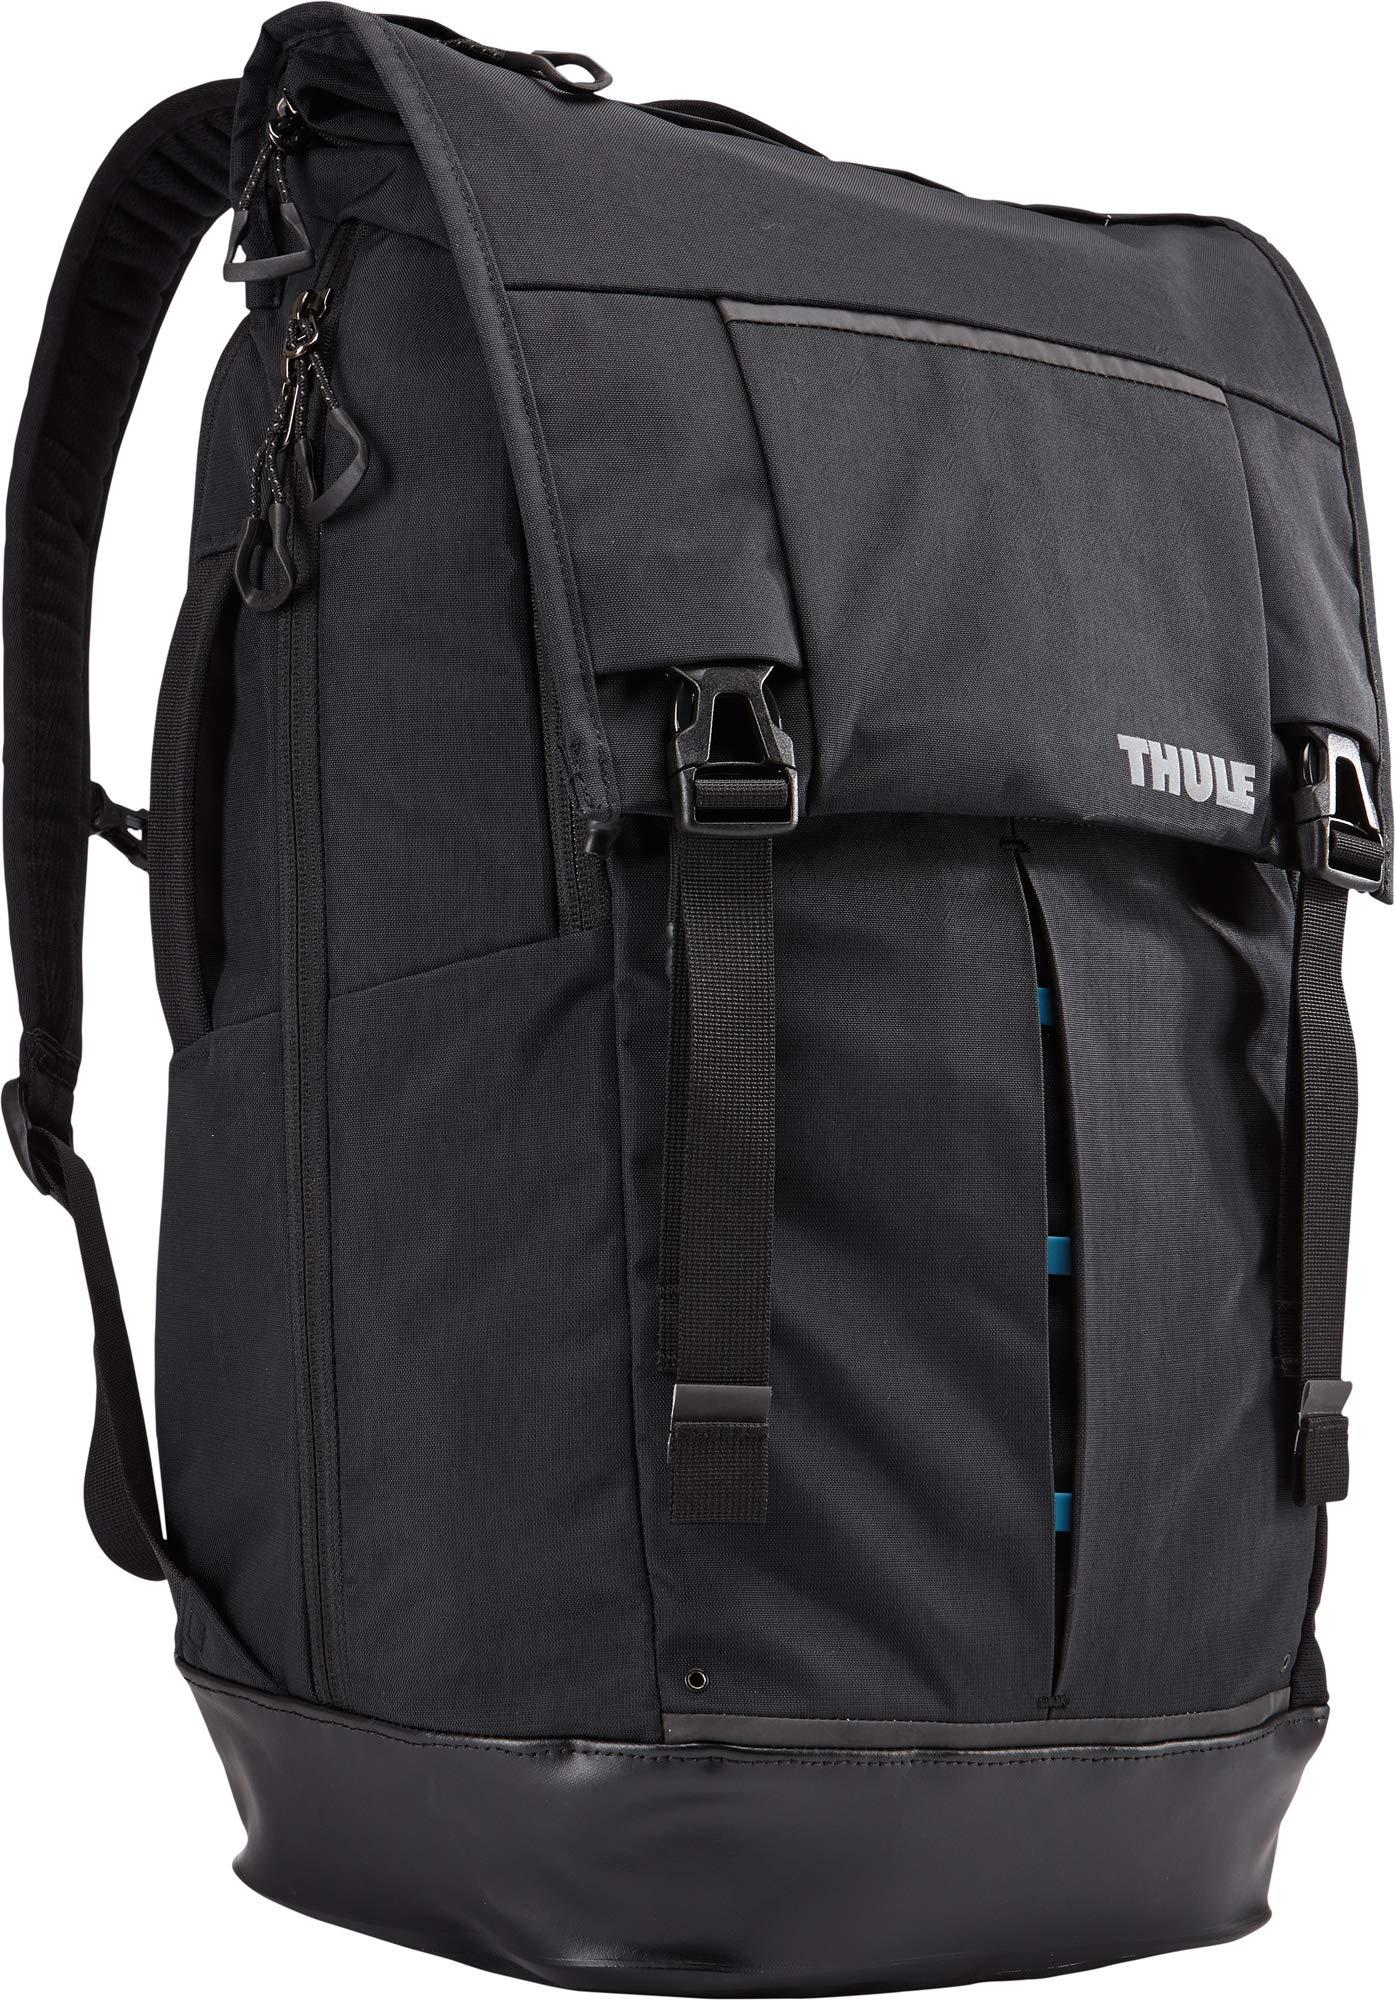 Thule Thule TFDP-115パラマウント29Lバックパックカメラバッグスポーツバックパックトラベルアウトドアハイキングバックパック(ブラック)